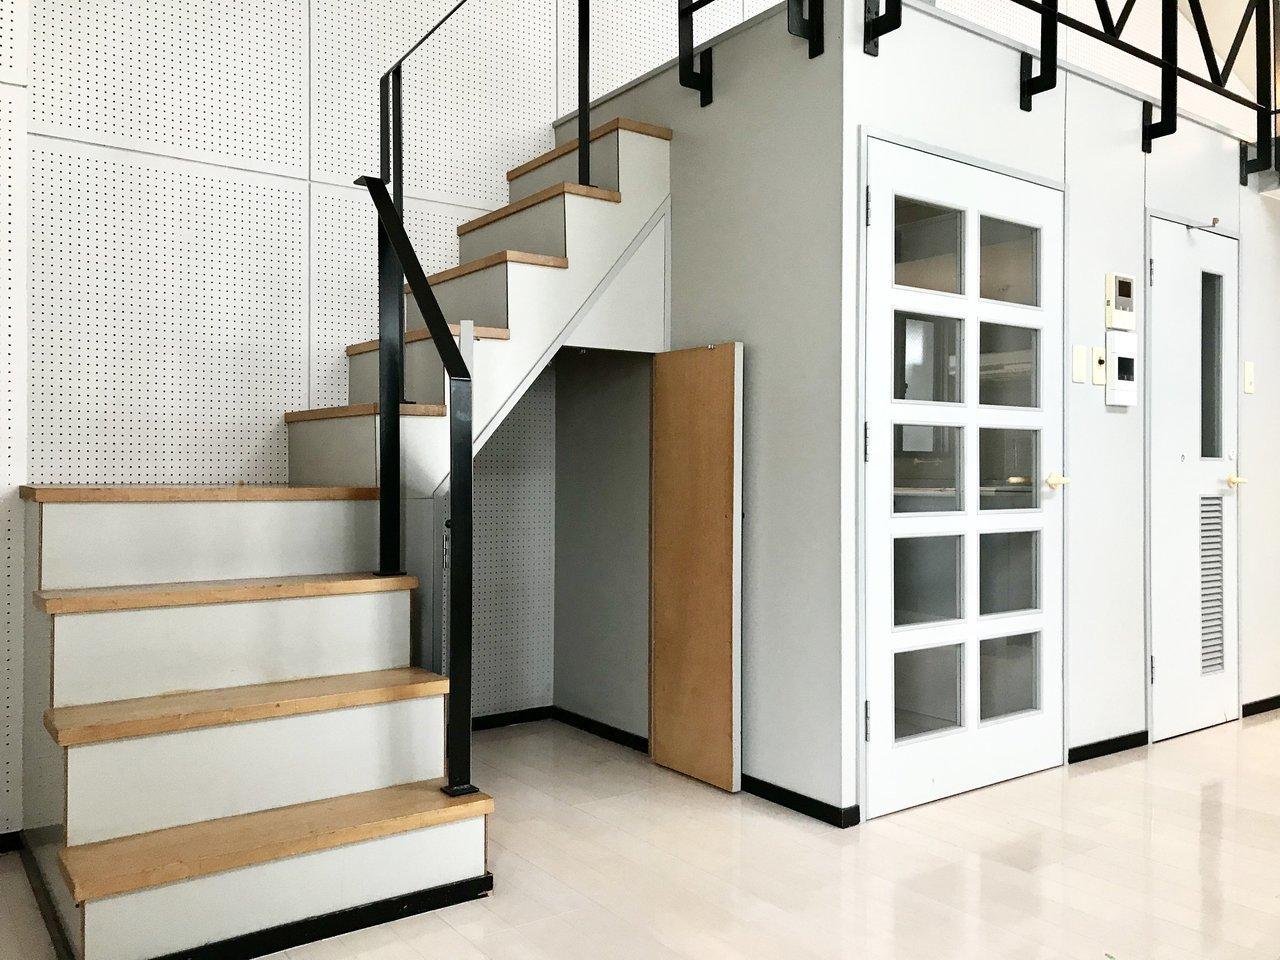 ロフトといっても、よくあるハシゴではなく、しっかりとした階段で上っていくのでお得感があります。